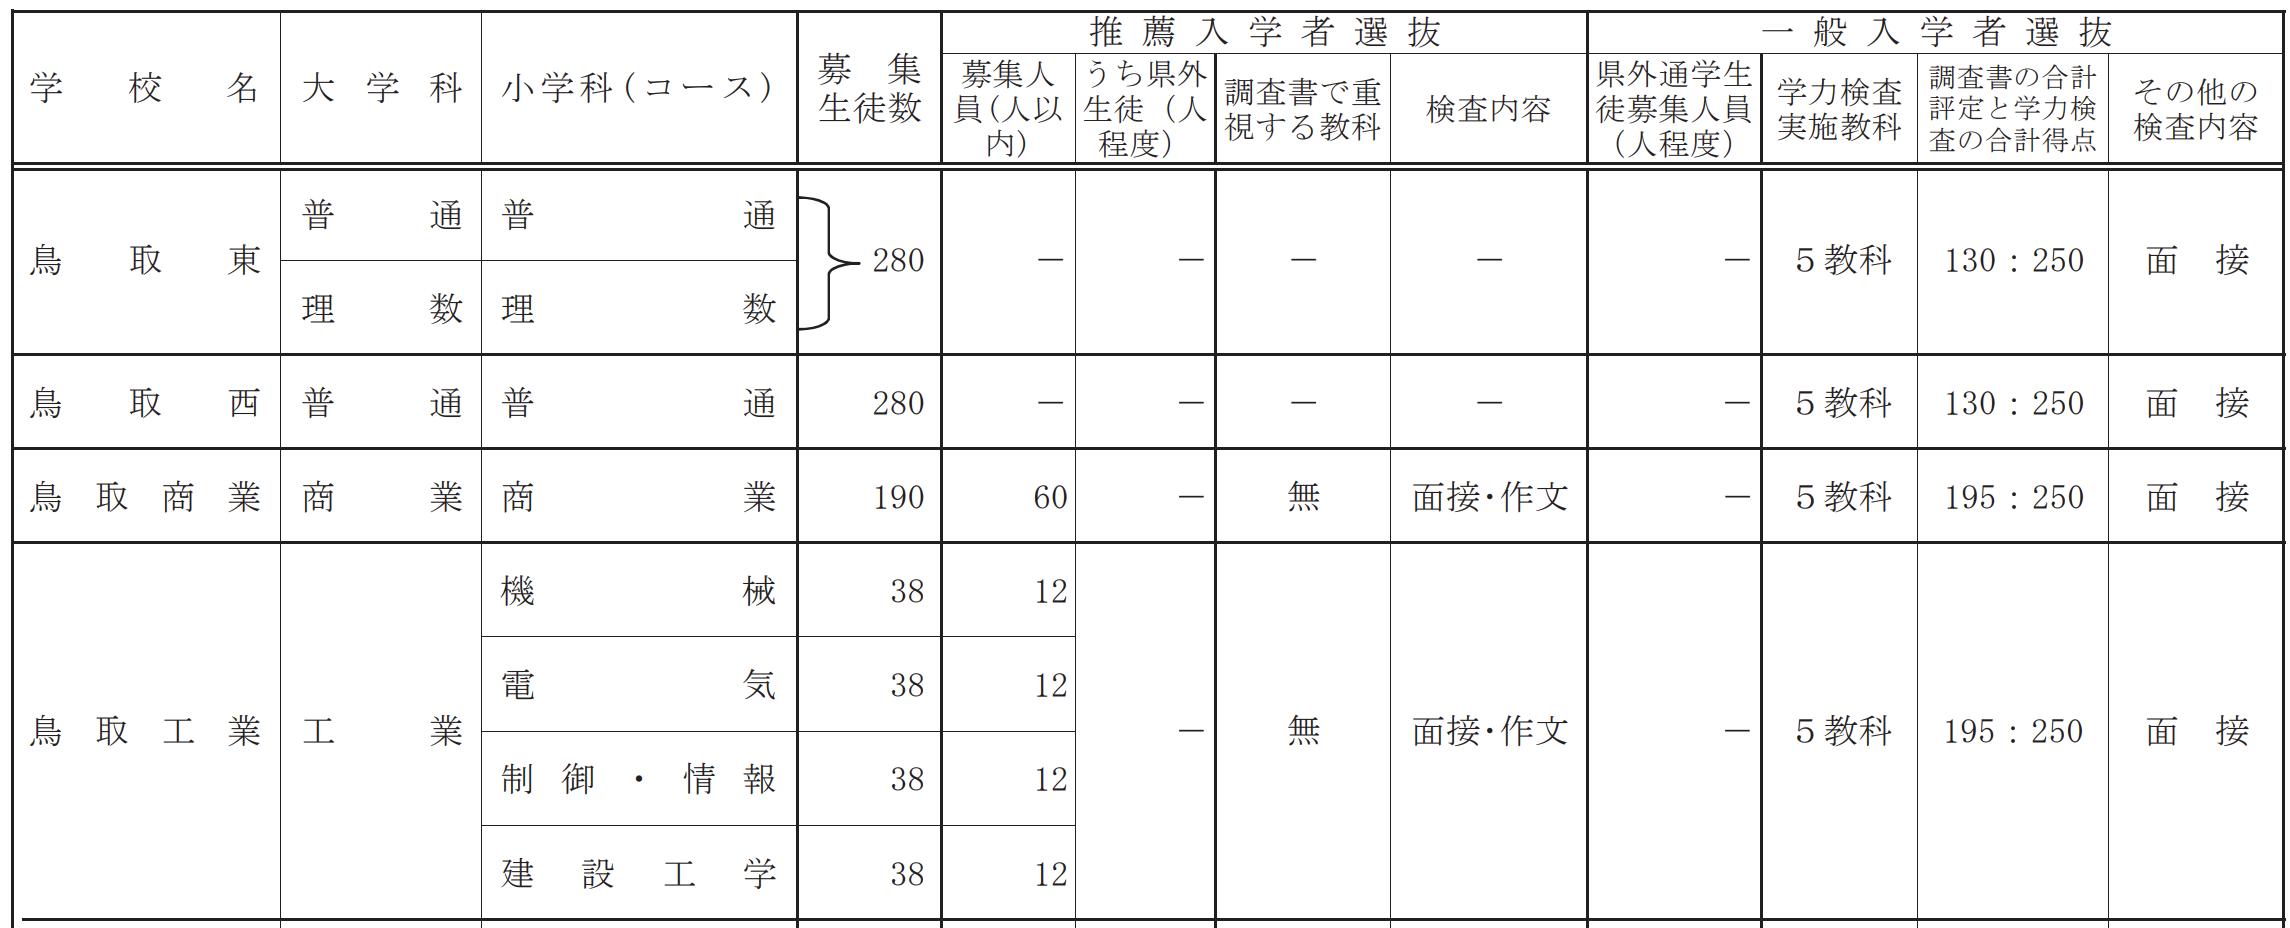 鳥取県公立高校入試制度3